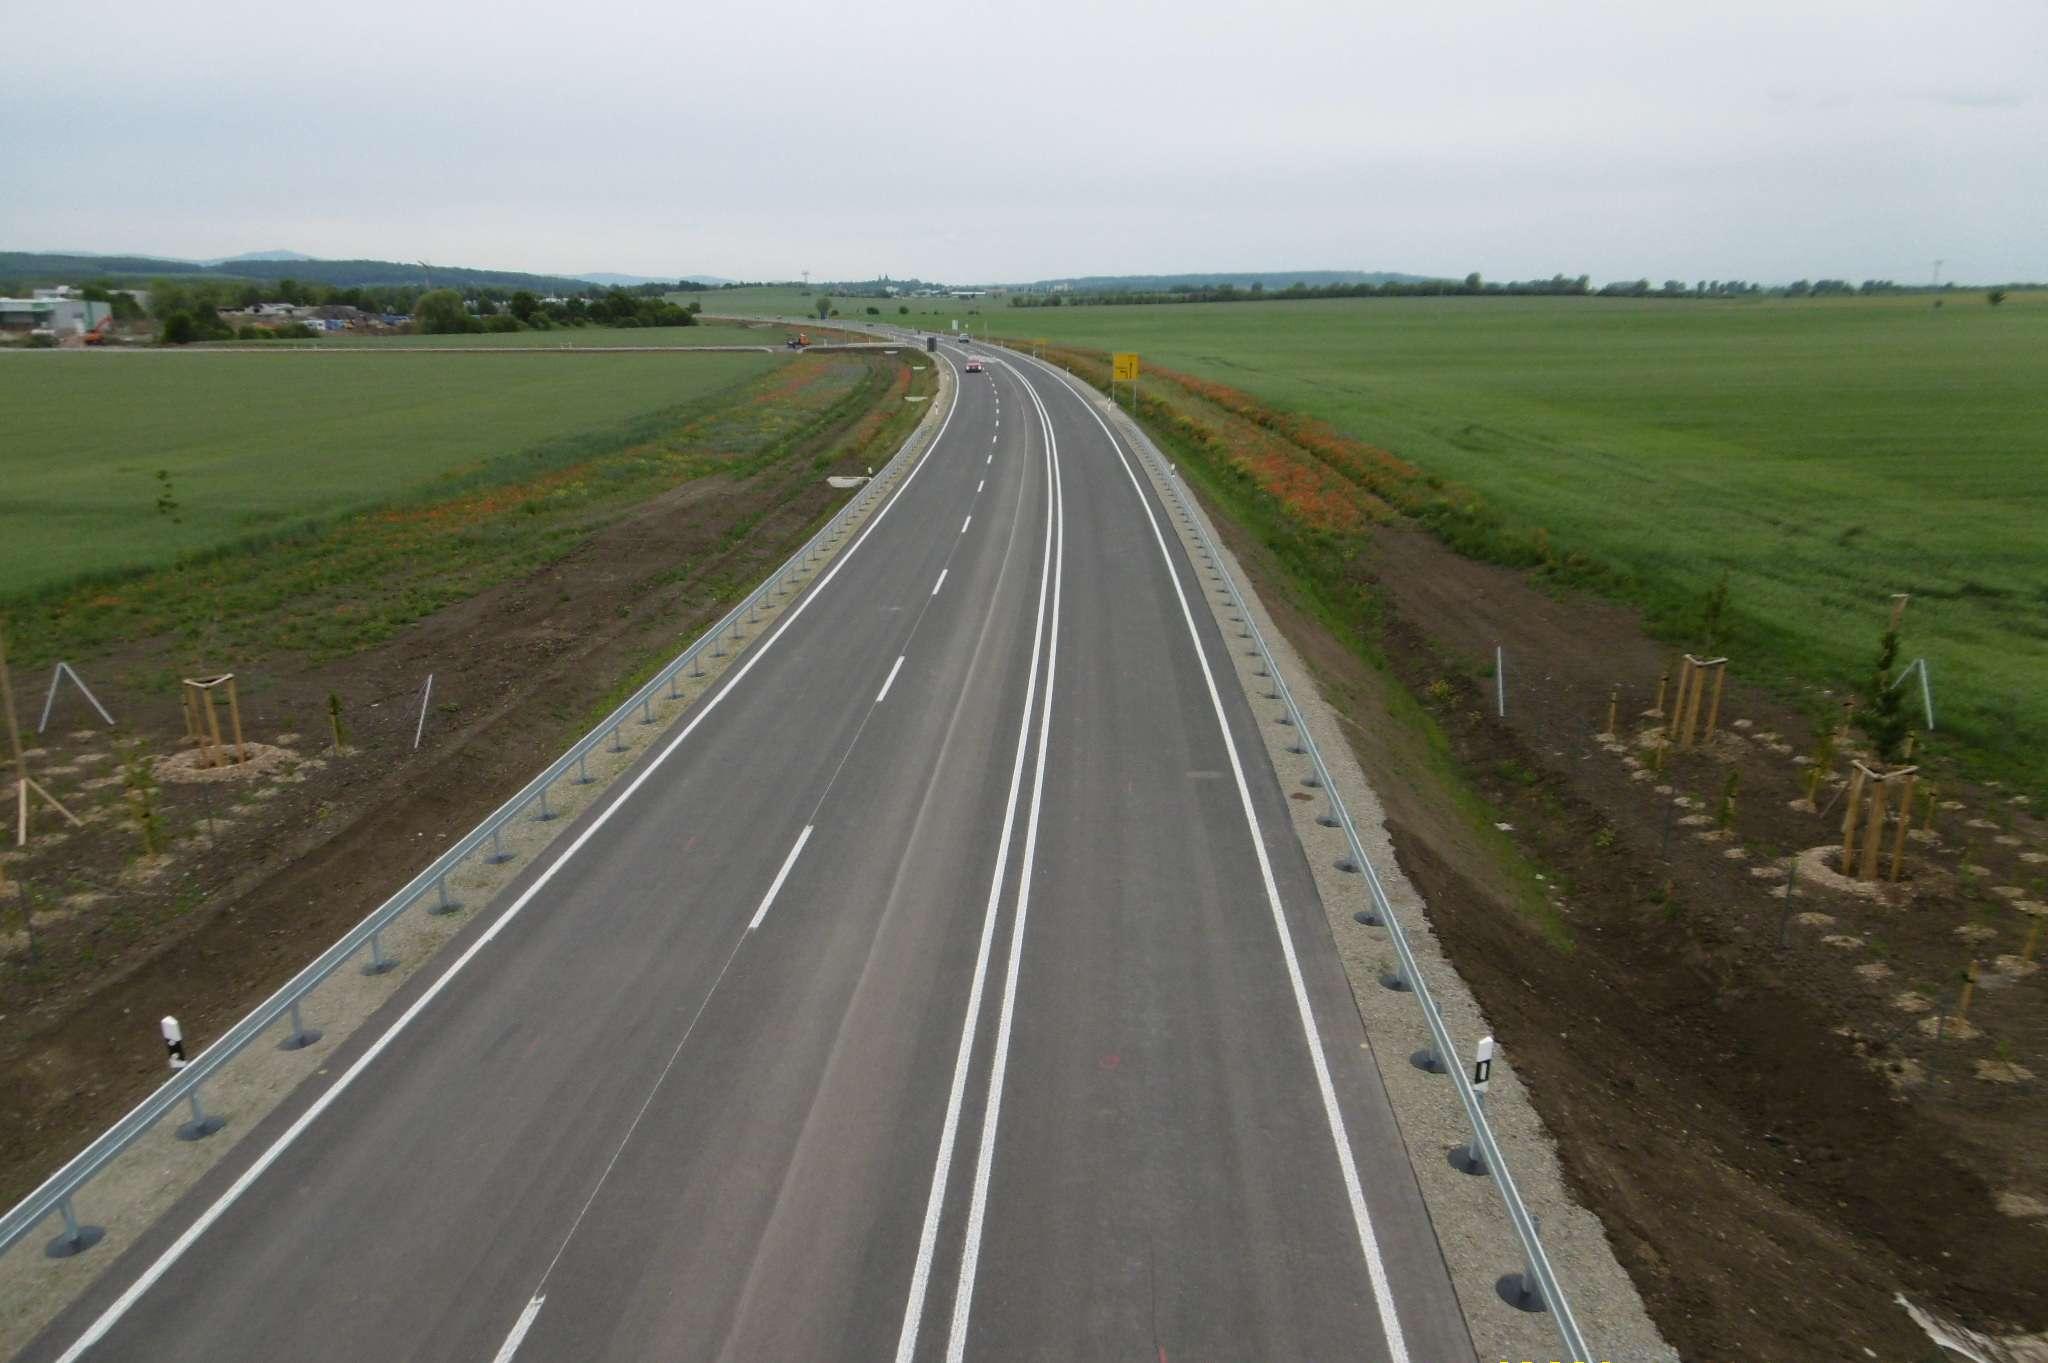 Abgebildet ist eine dreispurige Straße. Links und rechts sind Wiesen und Erde.